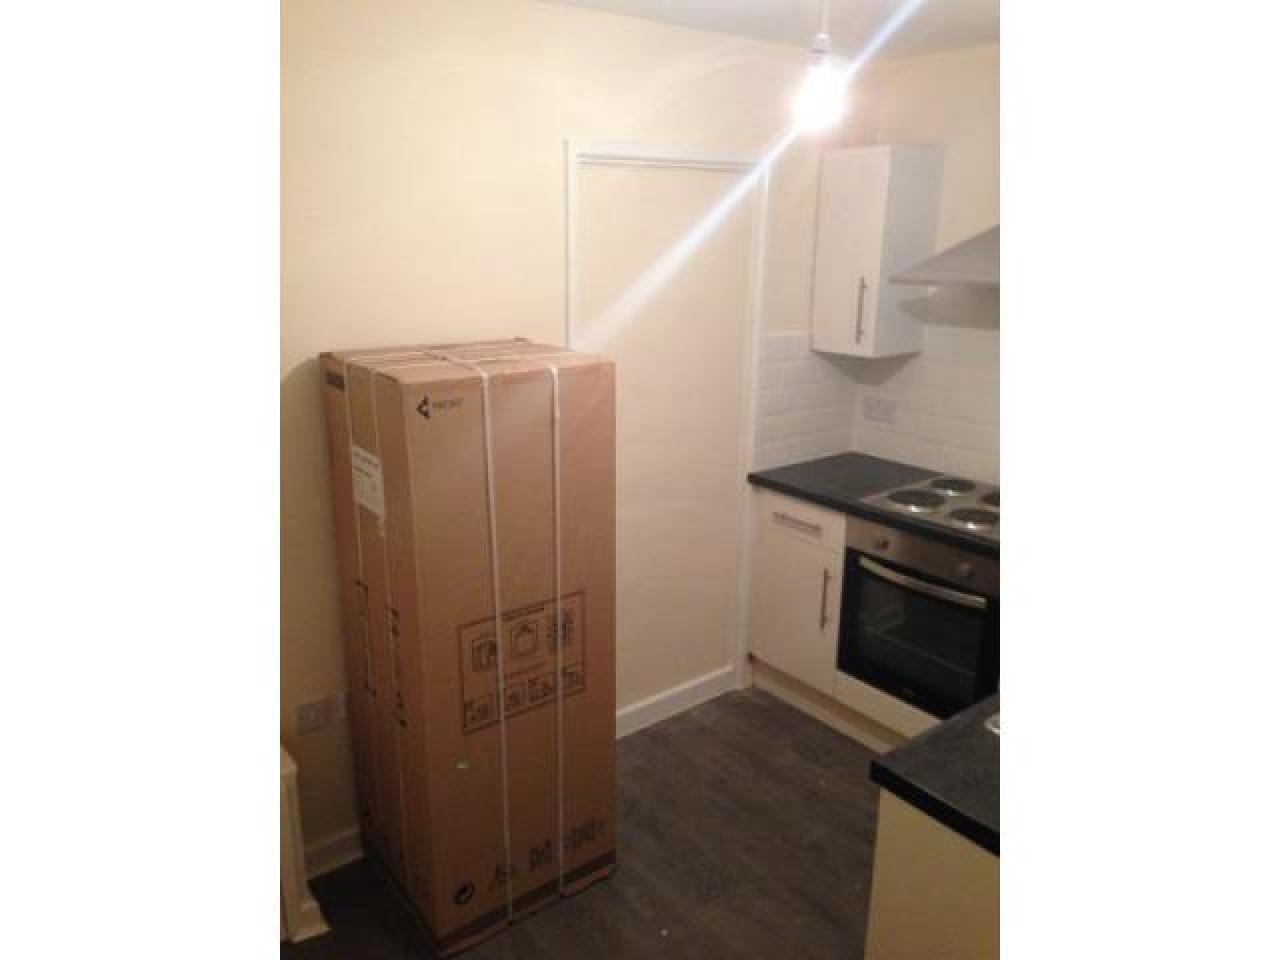 Сдаём 1-комнатную квартиру/студио, только после ремонта - 2